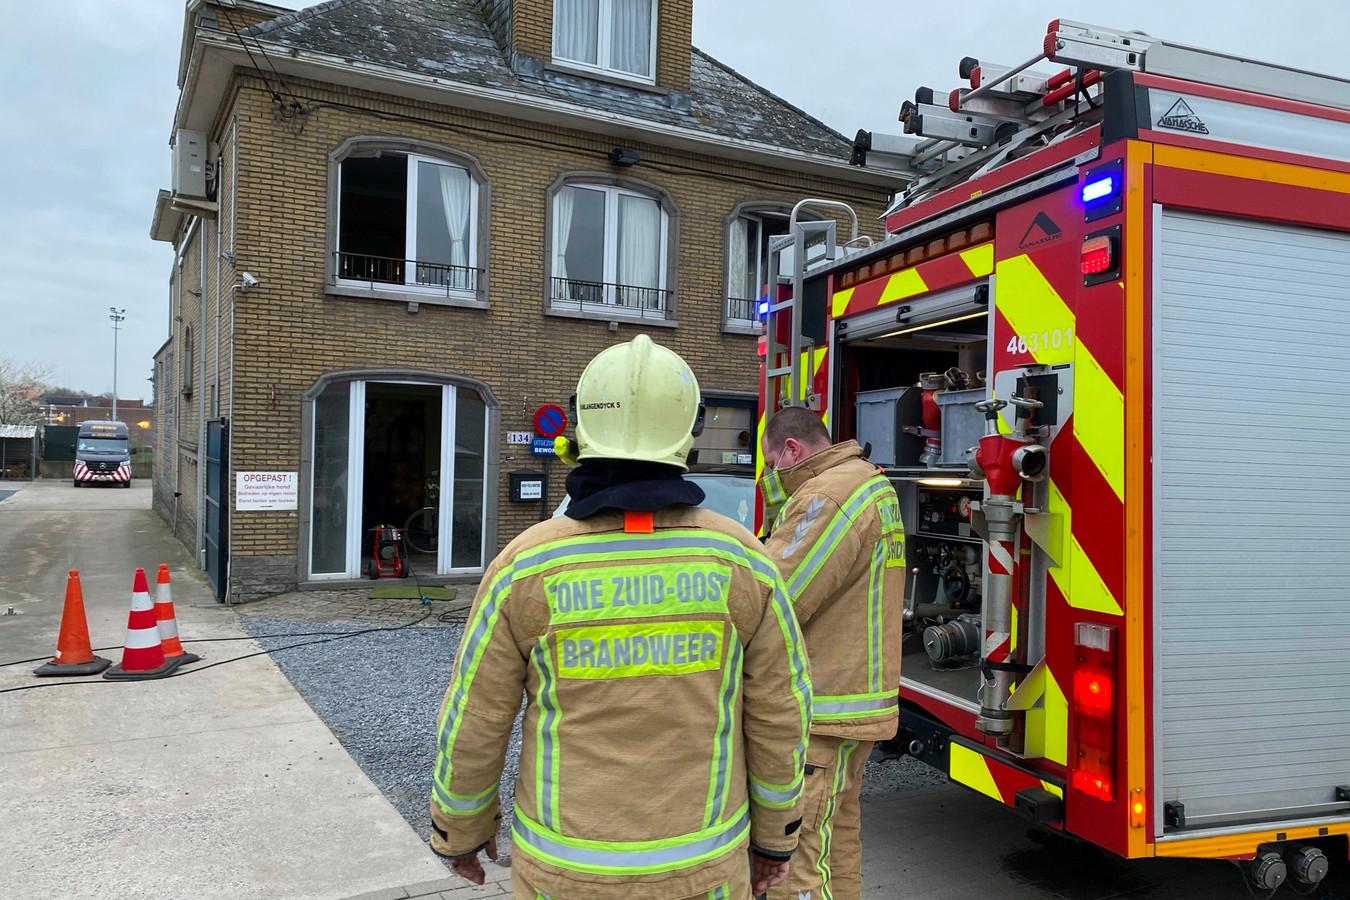 De brand situeerde zich in het huis naast Intercars langs de Hoogstraat in Lede.